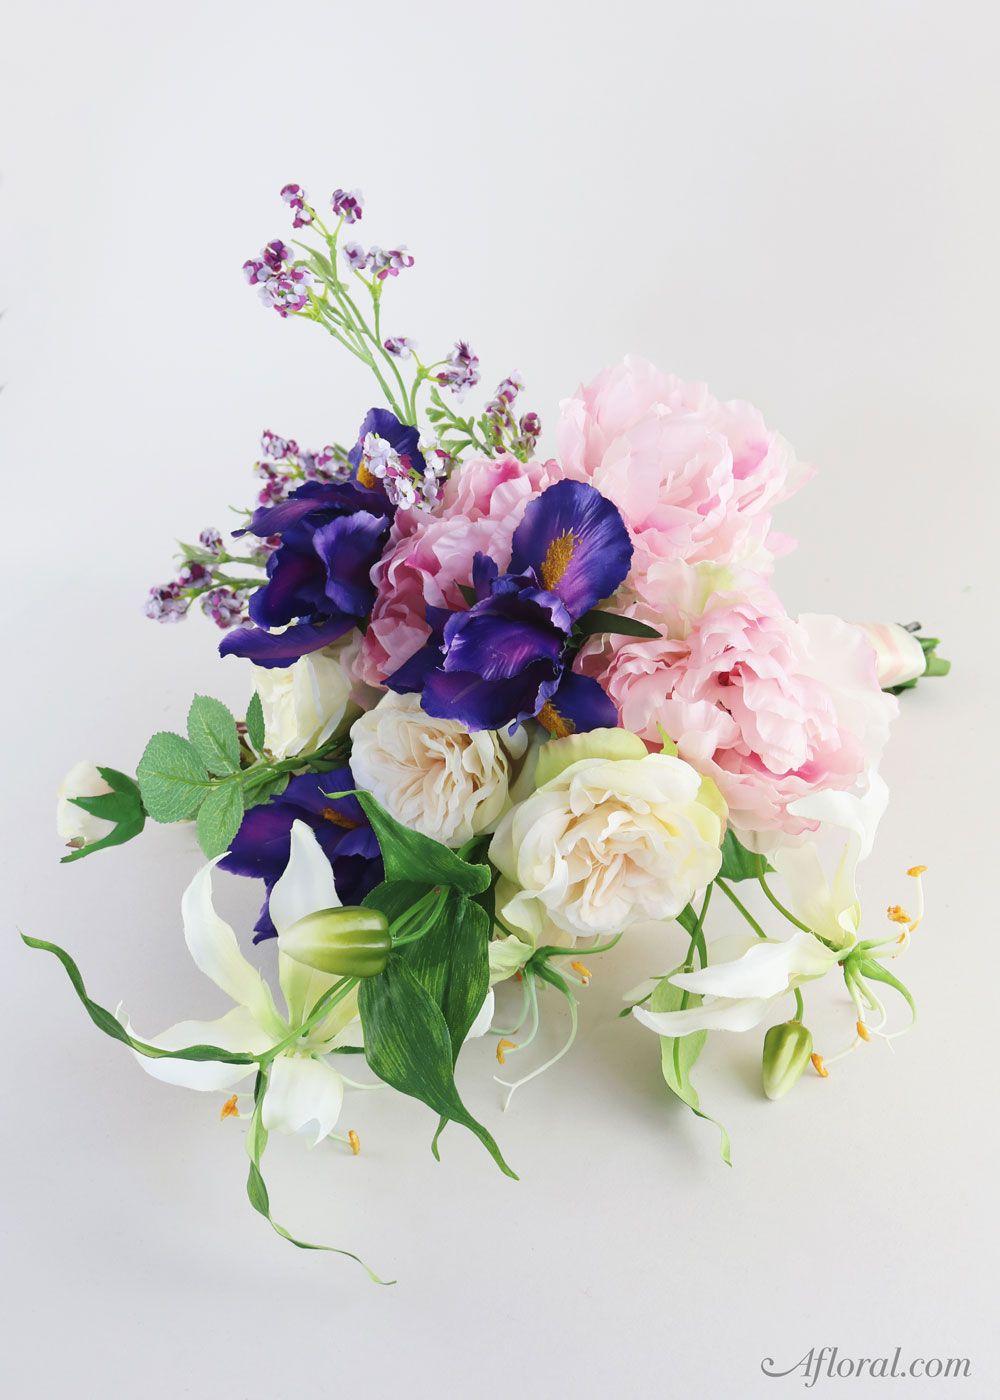 Silk Flower Wedding Bouquet. Make your own bridal bouquet